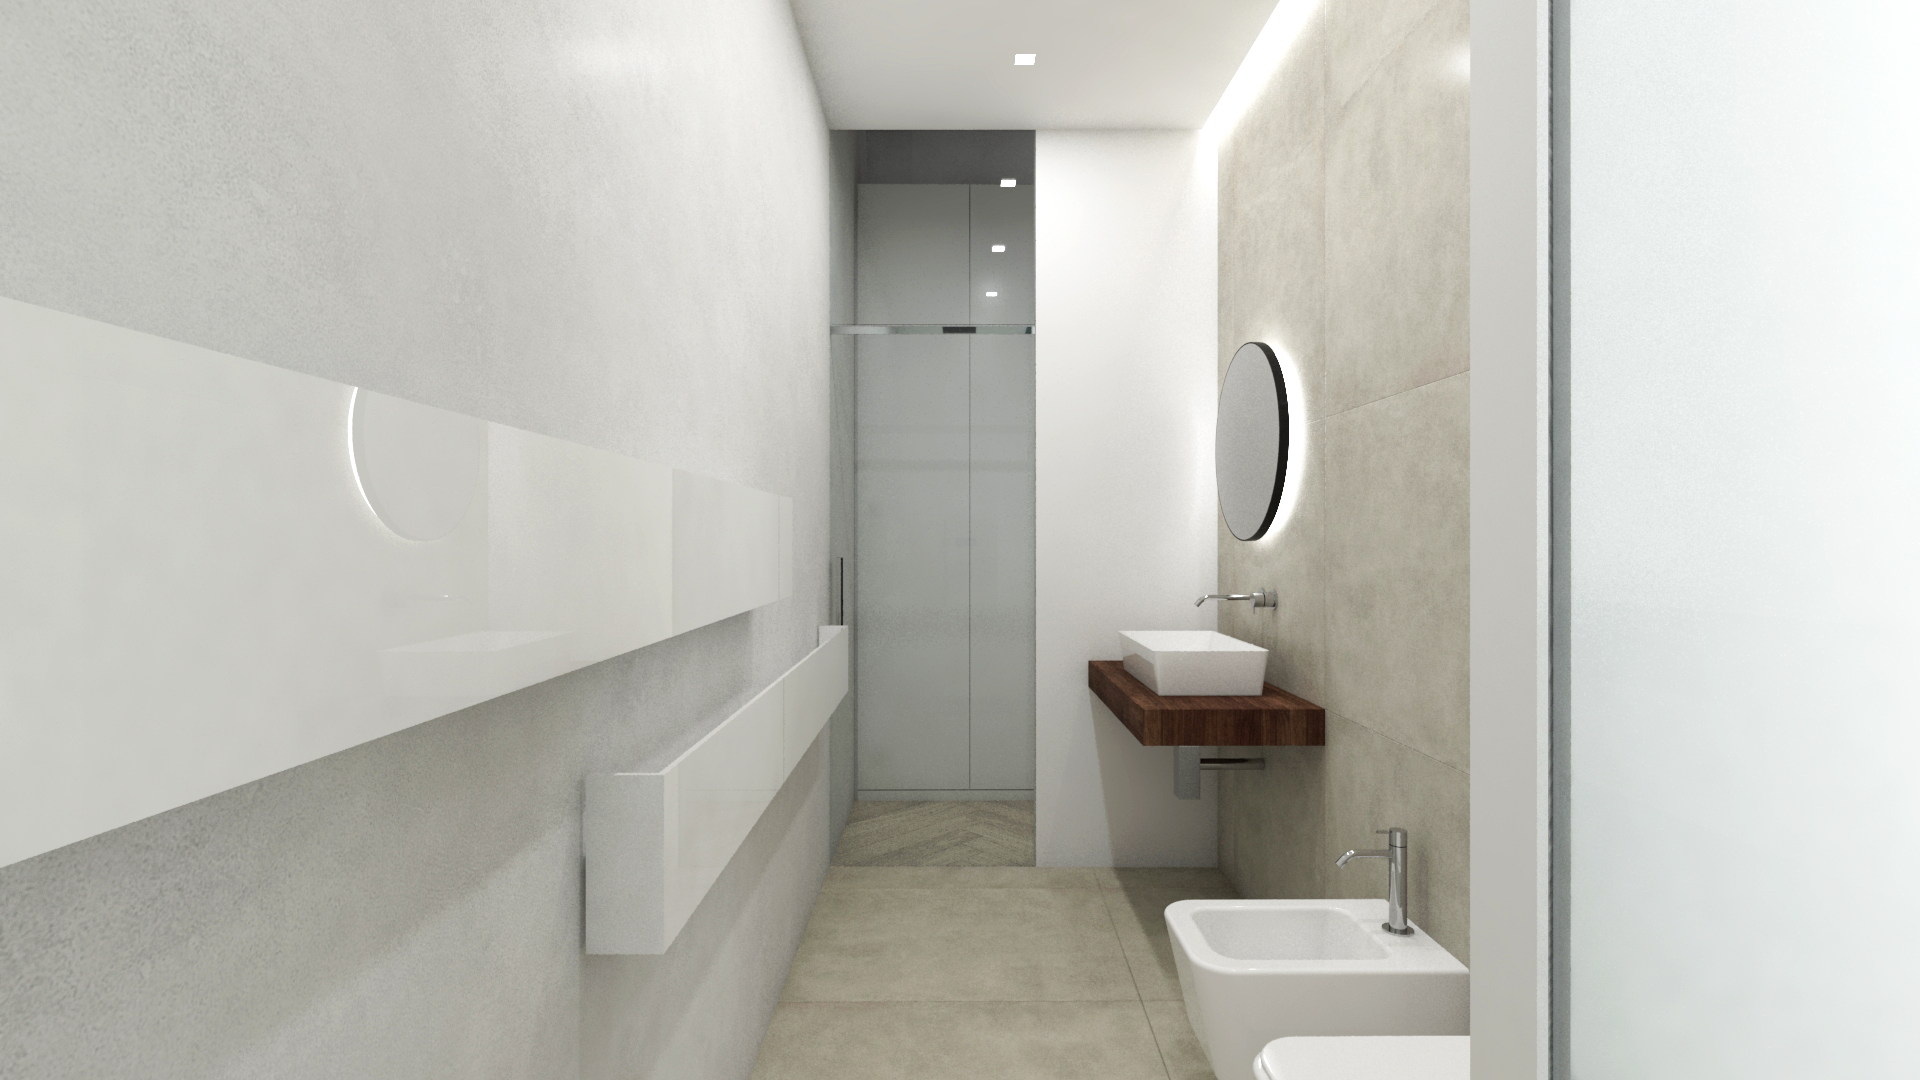 DFG-Architetti-Luce-Spazio-e-Memori-a-Palazzo-Giannini-eredità-del-700-14